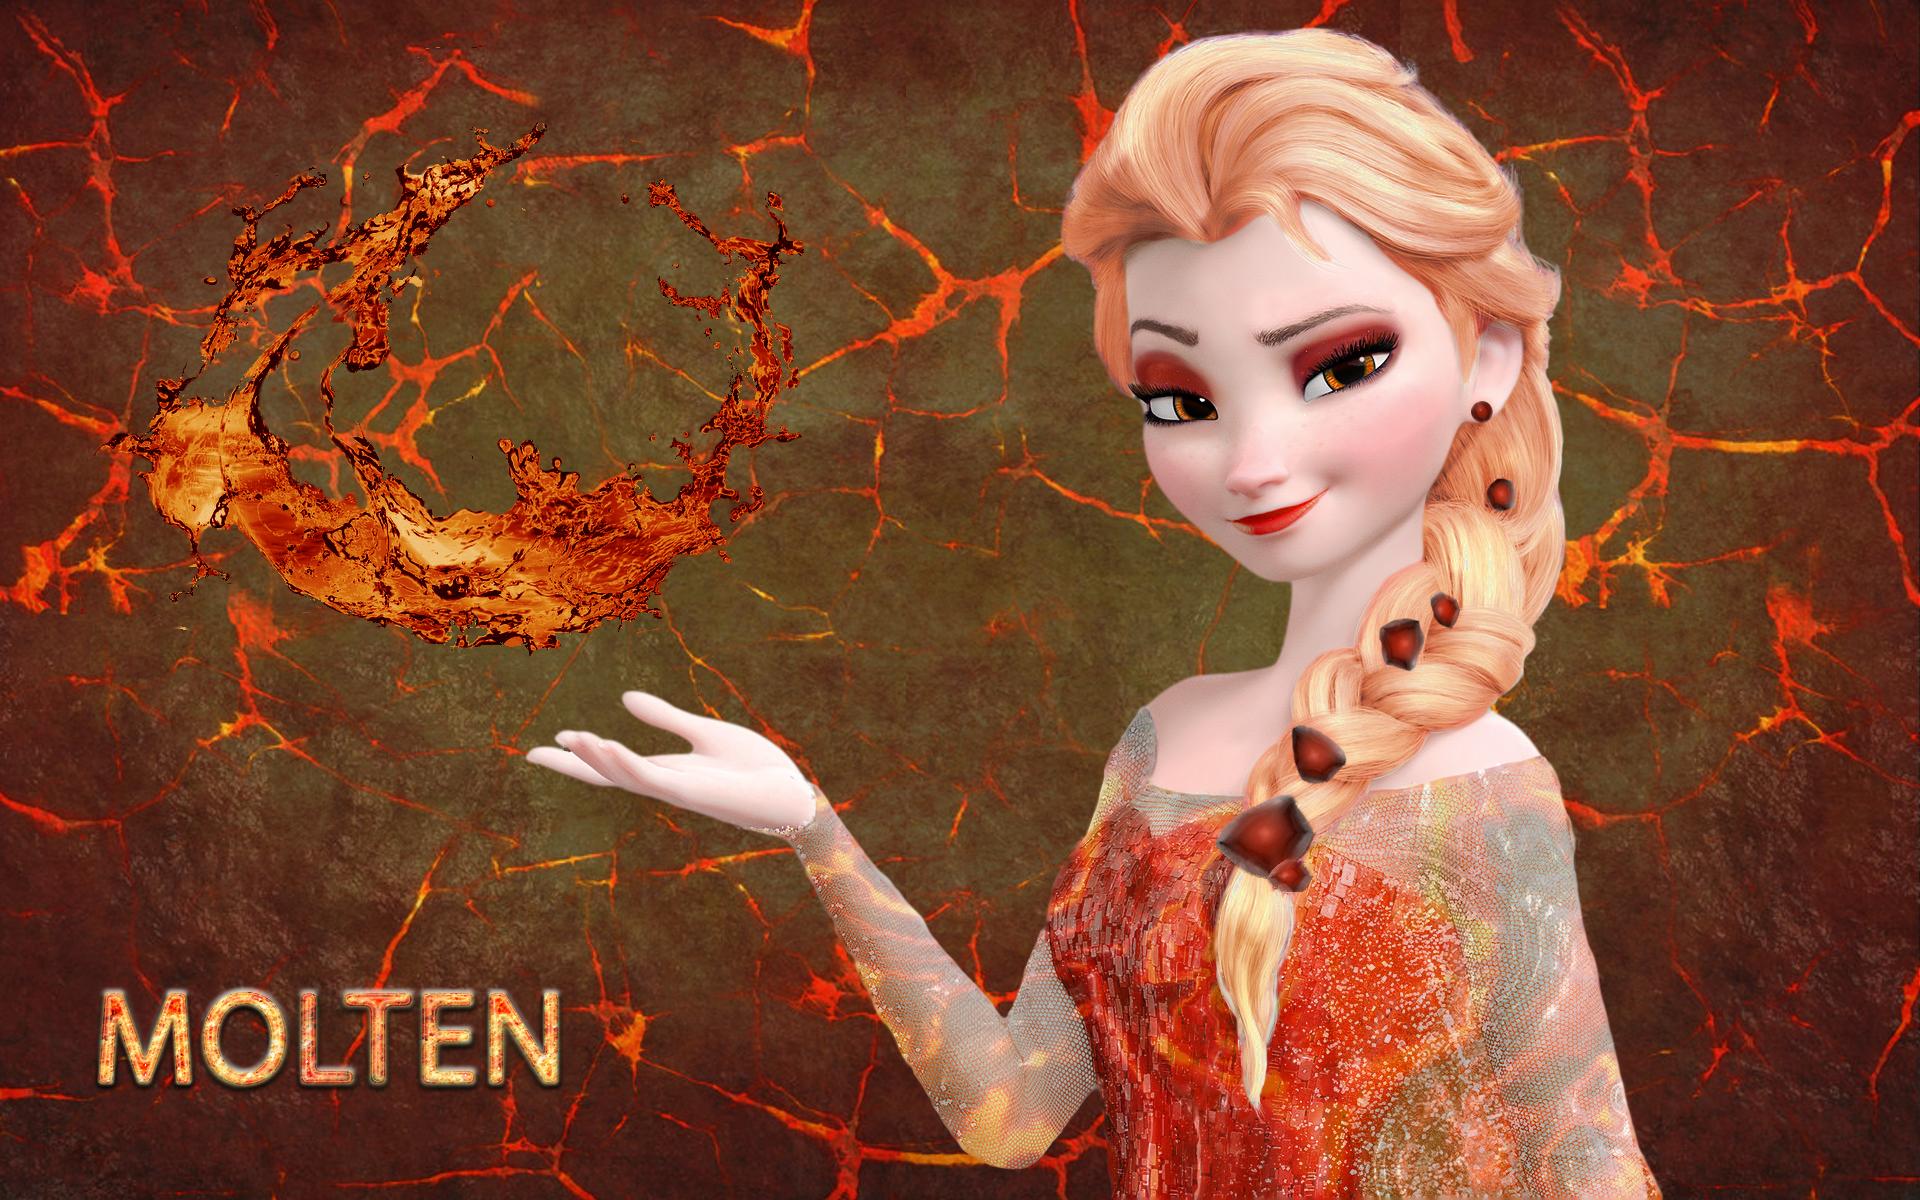 Tải ảnh công chúa Elsa